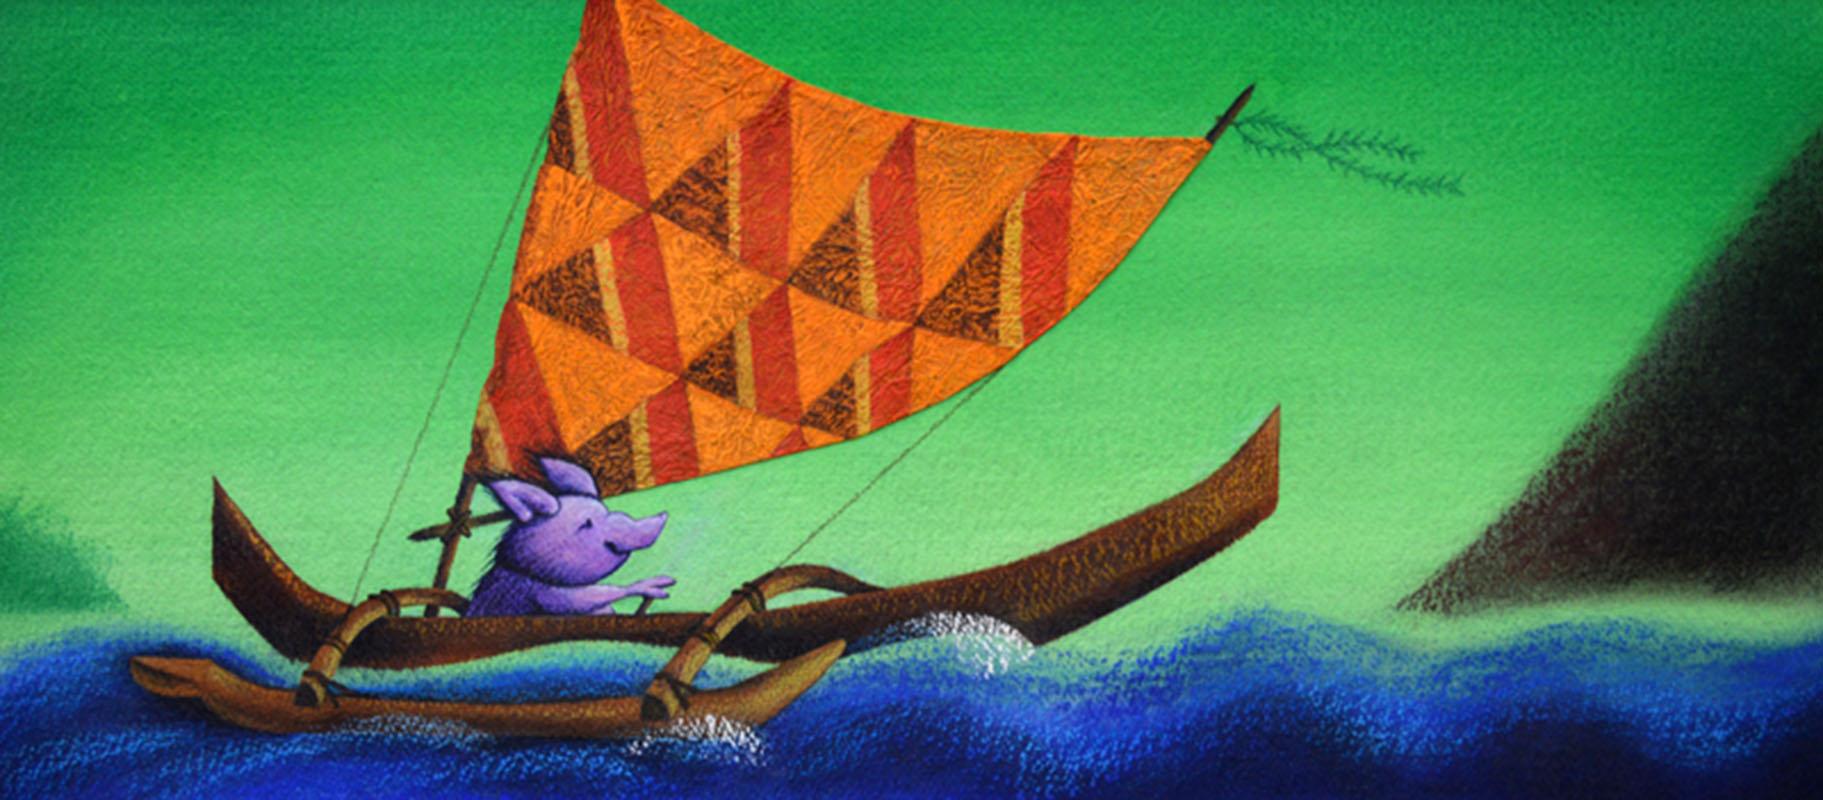 Pig-Boy Was Sailing